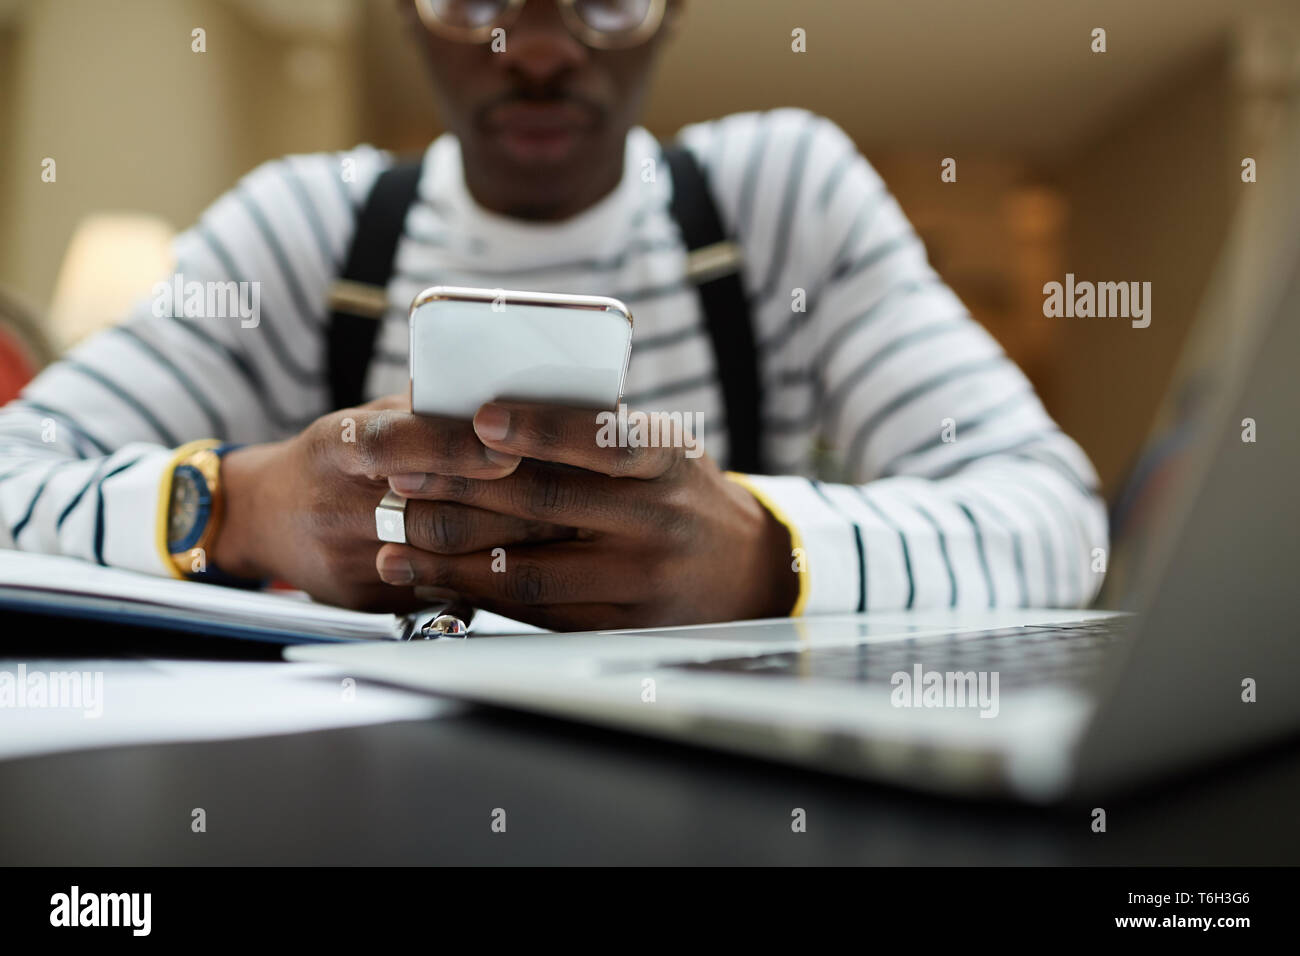 Nahaufnahme der zeitgenössischen afrikanischen Kursteilnehmer sie ihr Smartphone während des Studiums in Bibliothek, Raum kopieren Stockbild